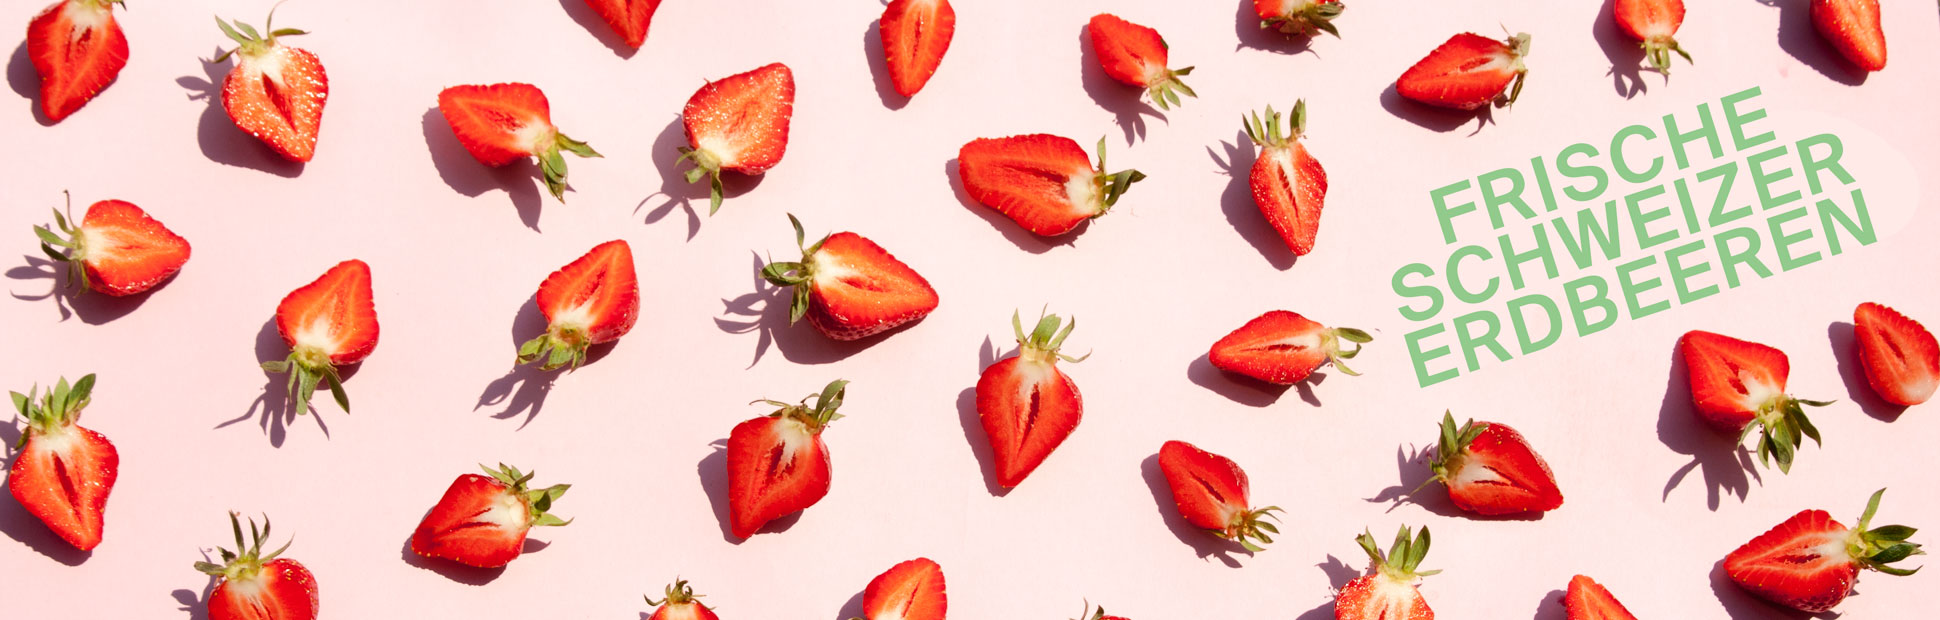 Schweizer Erdbeeren